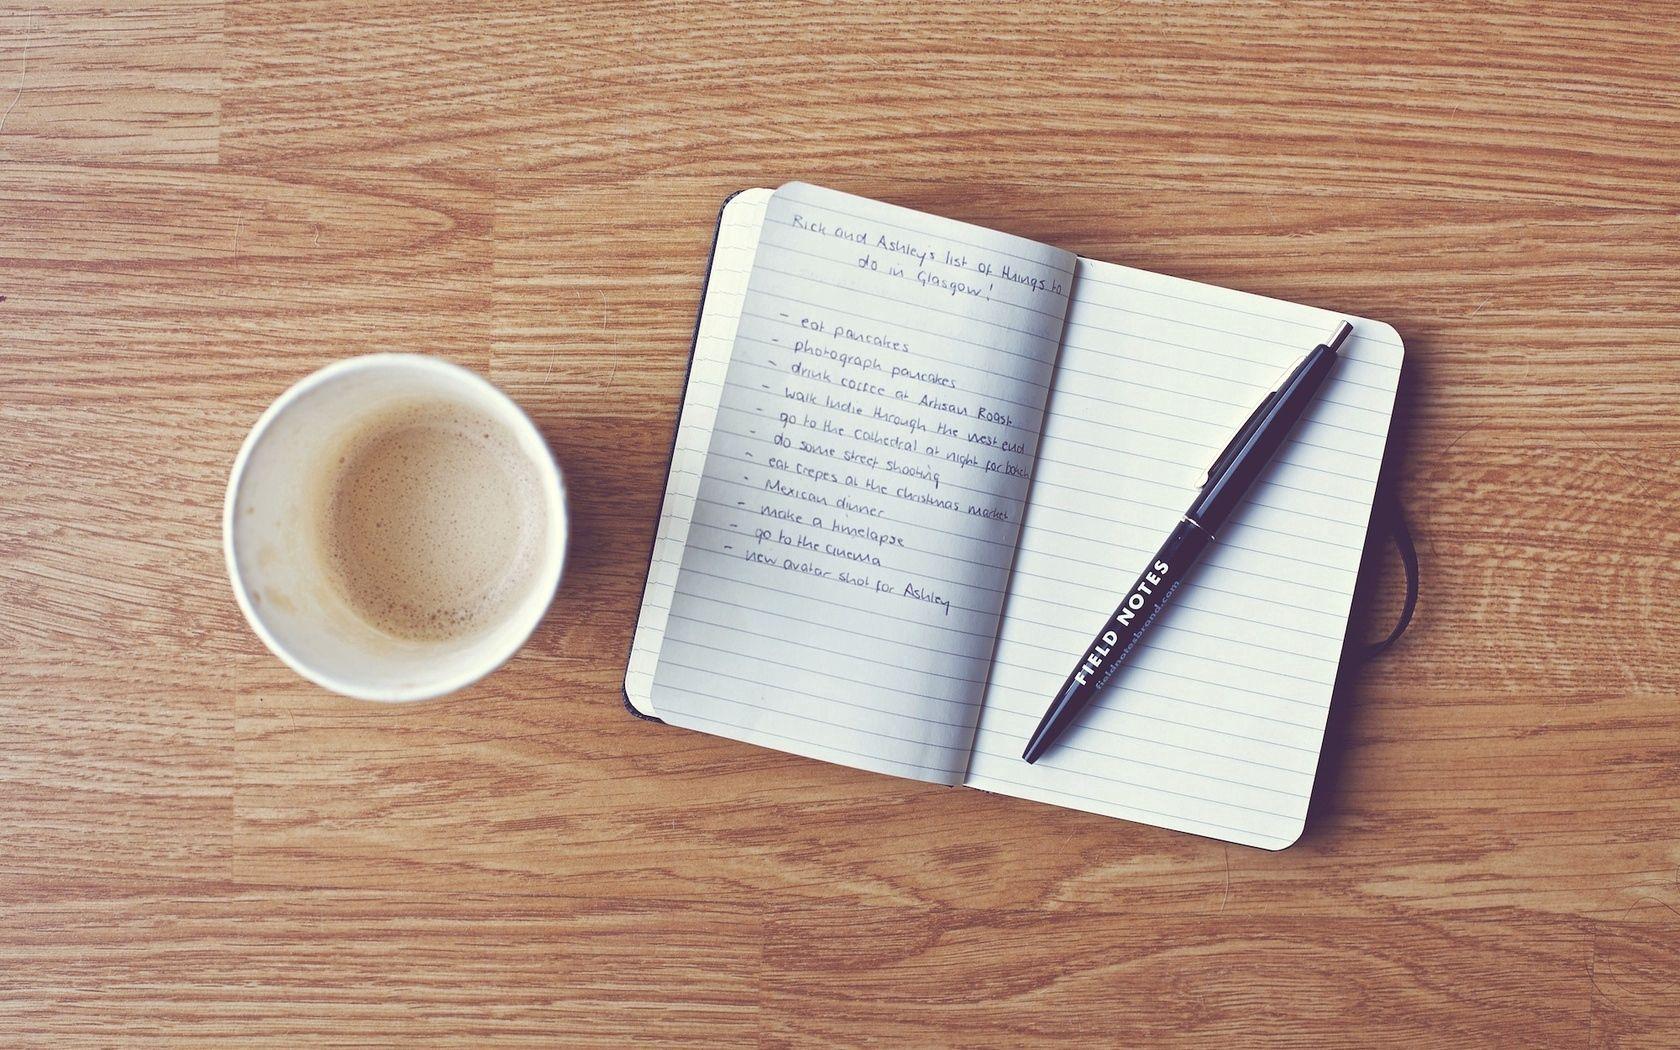 133173 papel de parede 720x1280 em seu telefone gratuitamente, baixe imagens Comida, Café, Caderno, Bloco De Notas, Uma Caneta, Caneta, Gravações, Registro 720x1280 em seu celular